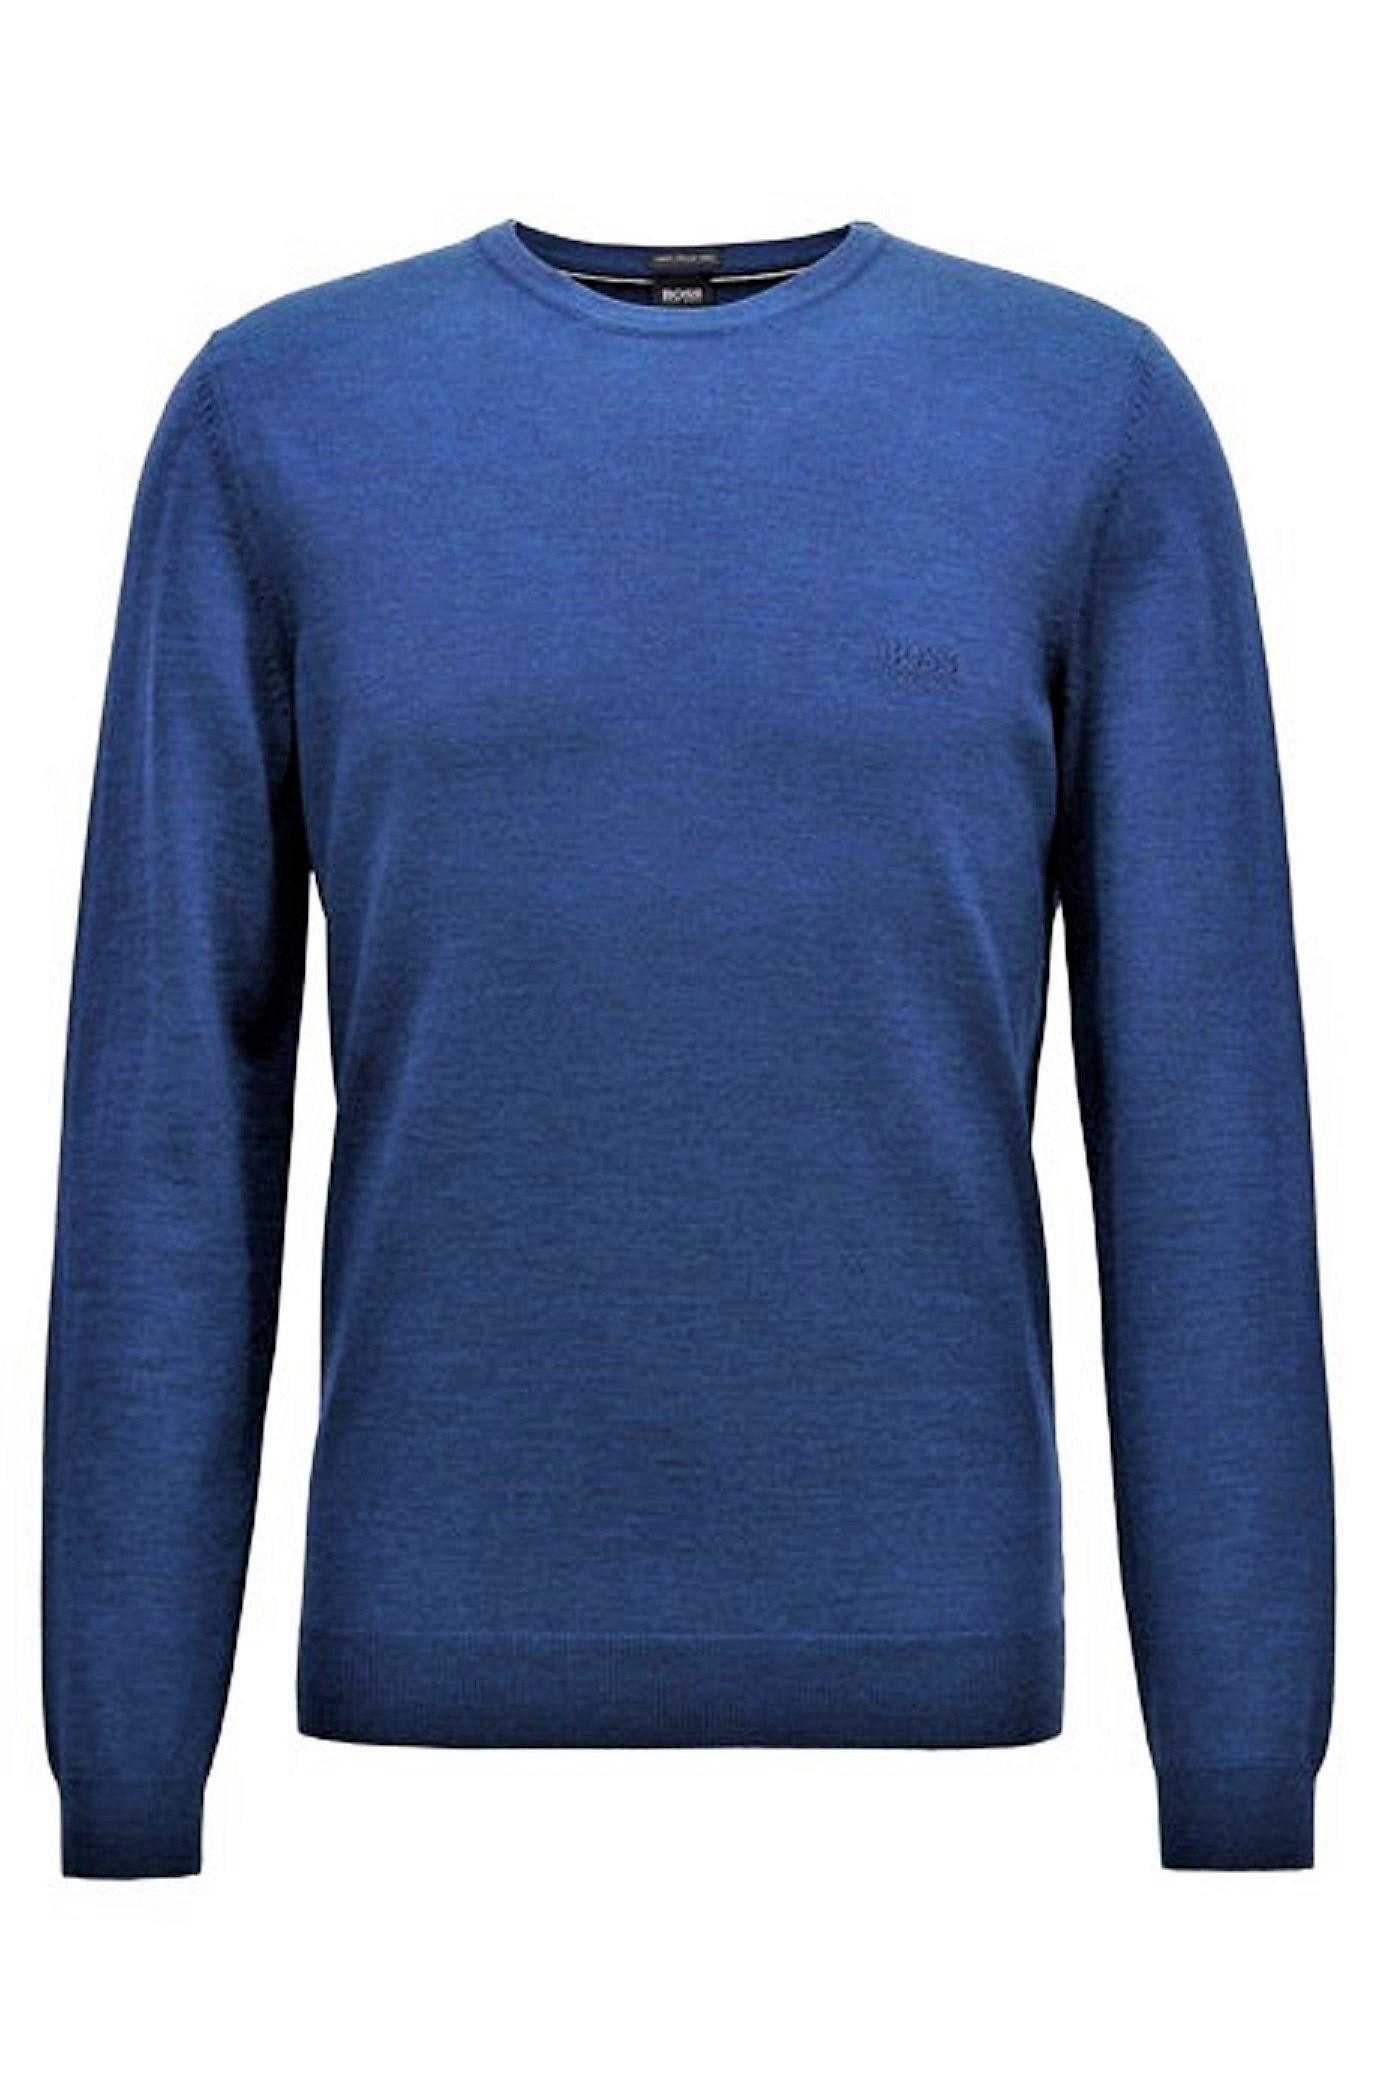 UGO BOSS Maglione girocollo jersey di lana vergine Modello Botto-L 50373739 NERO